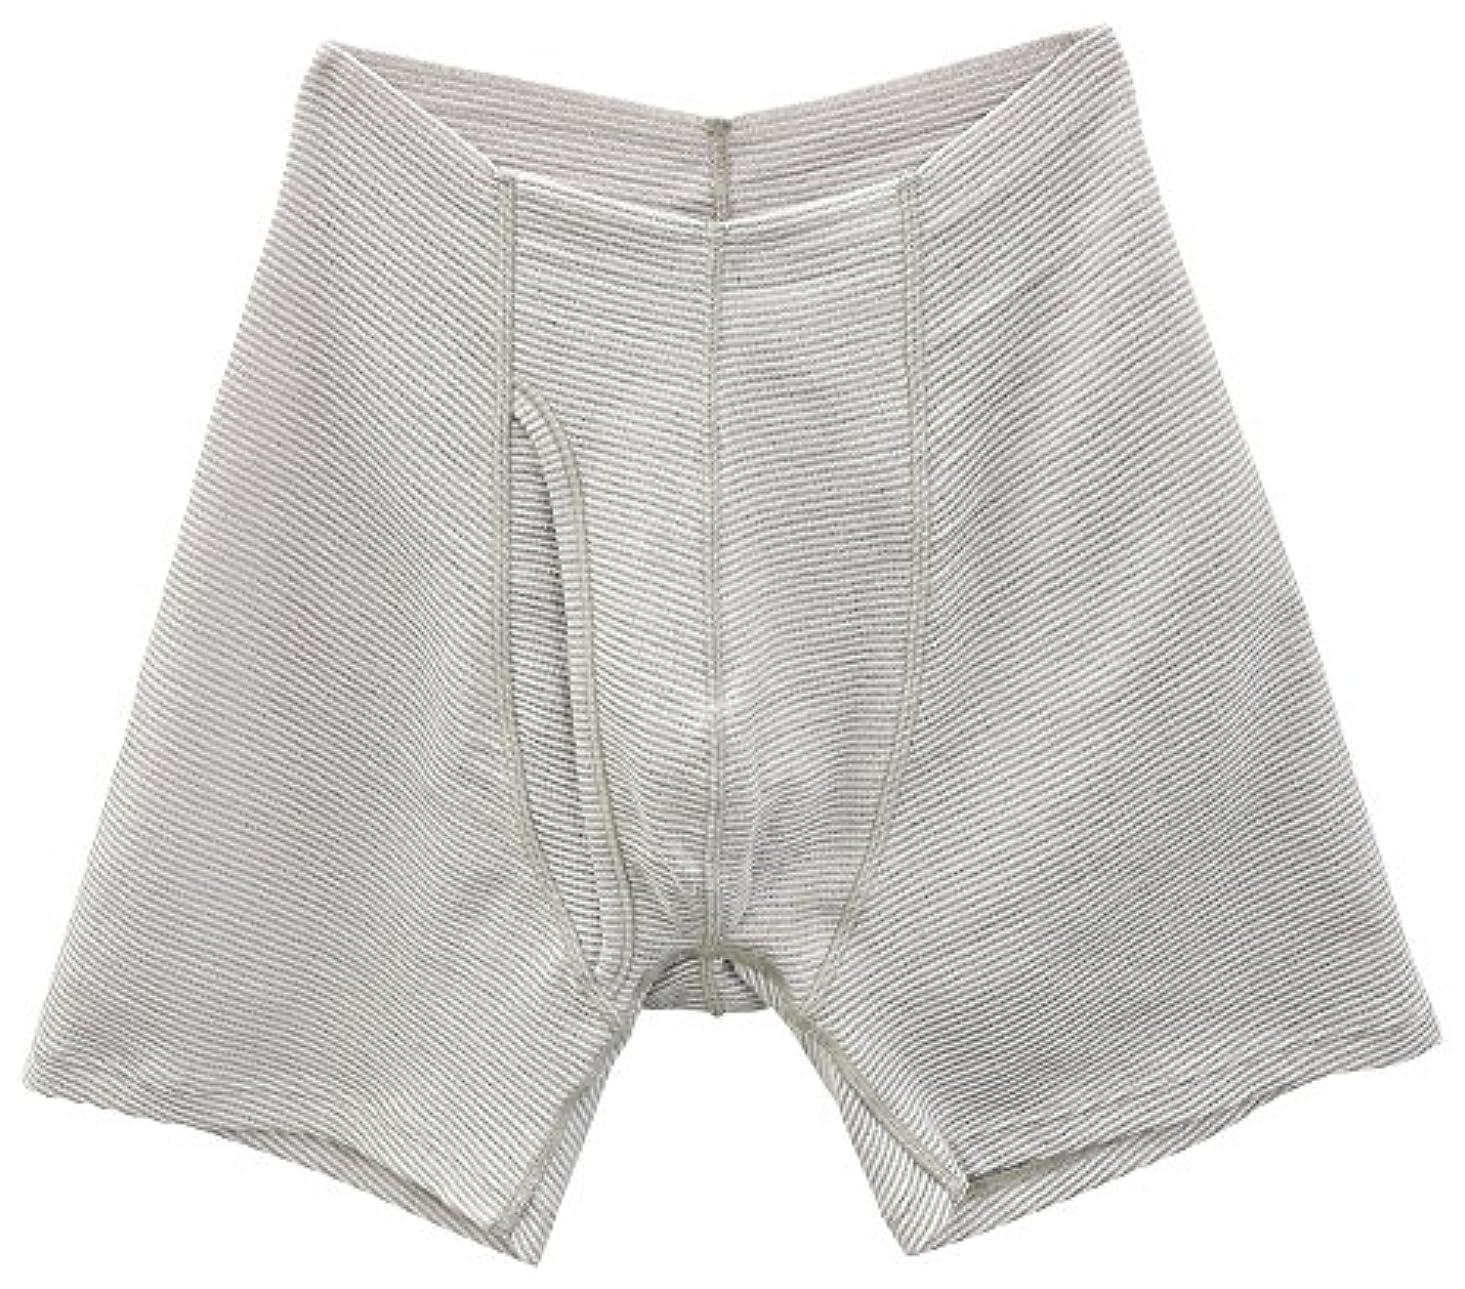 誠意誠意方言SIDO(シドー) 包帯パンツ 前開きゴムなしパンツ 冷涼タイプ ライトグレー LL(94~104cm) 1063